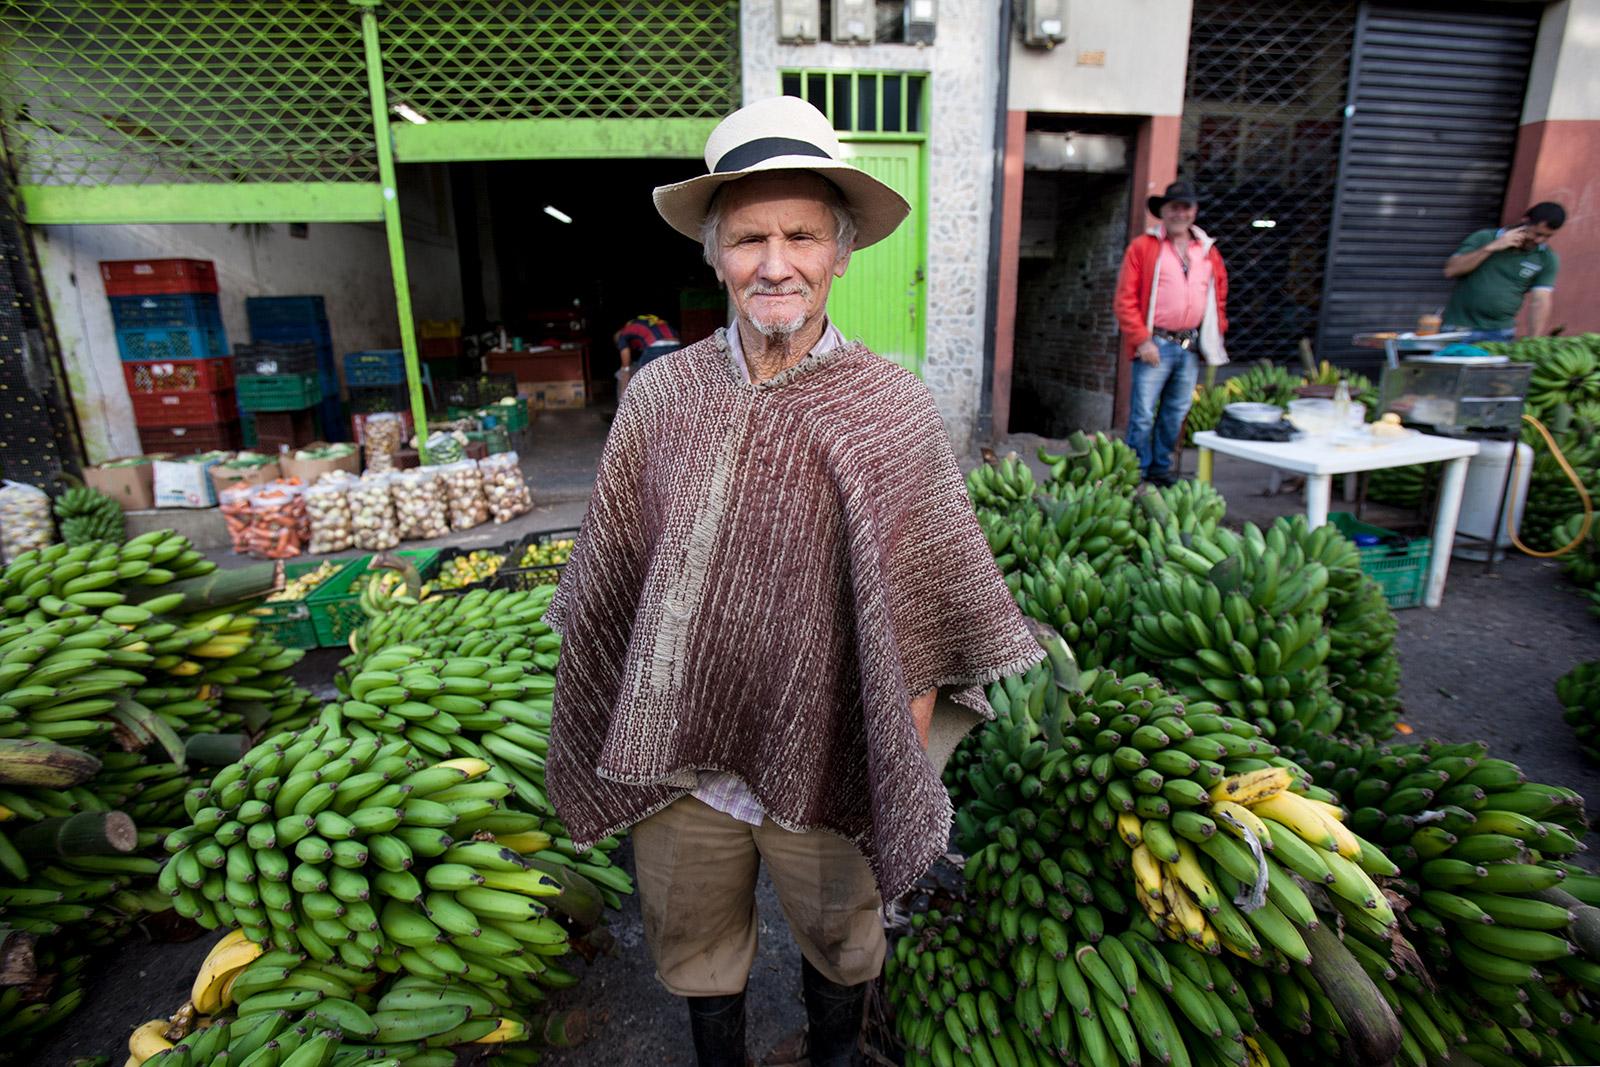 Fotorreportaje | La Galería, la despensa y el corazón de Manizales